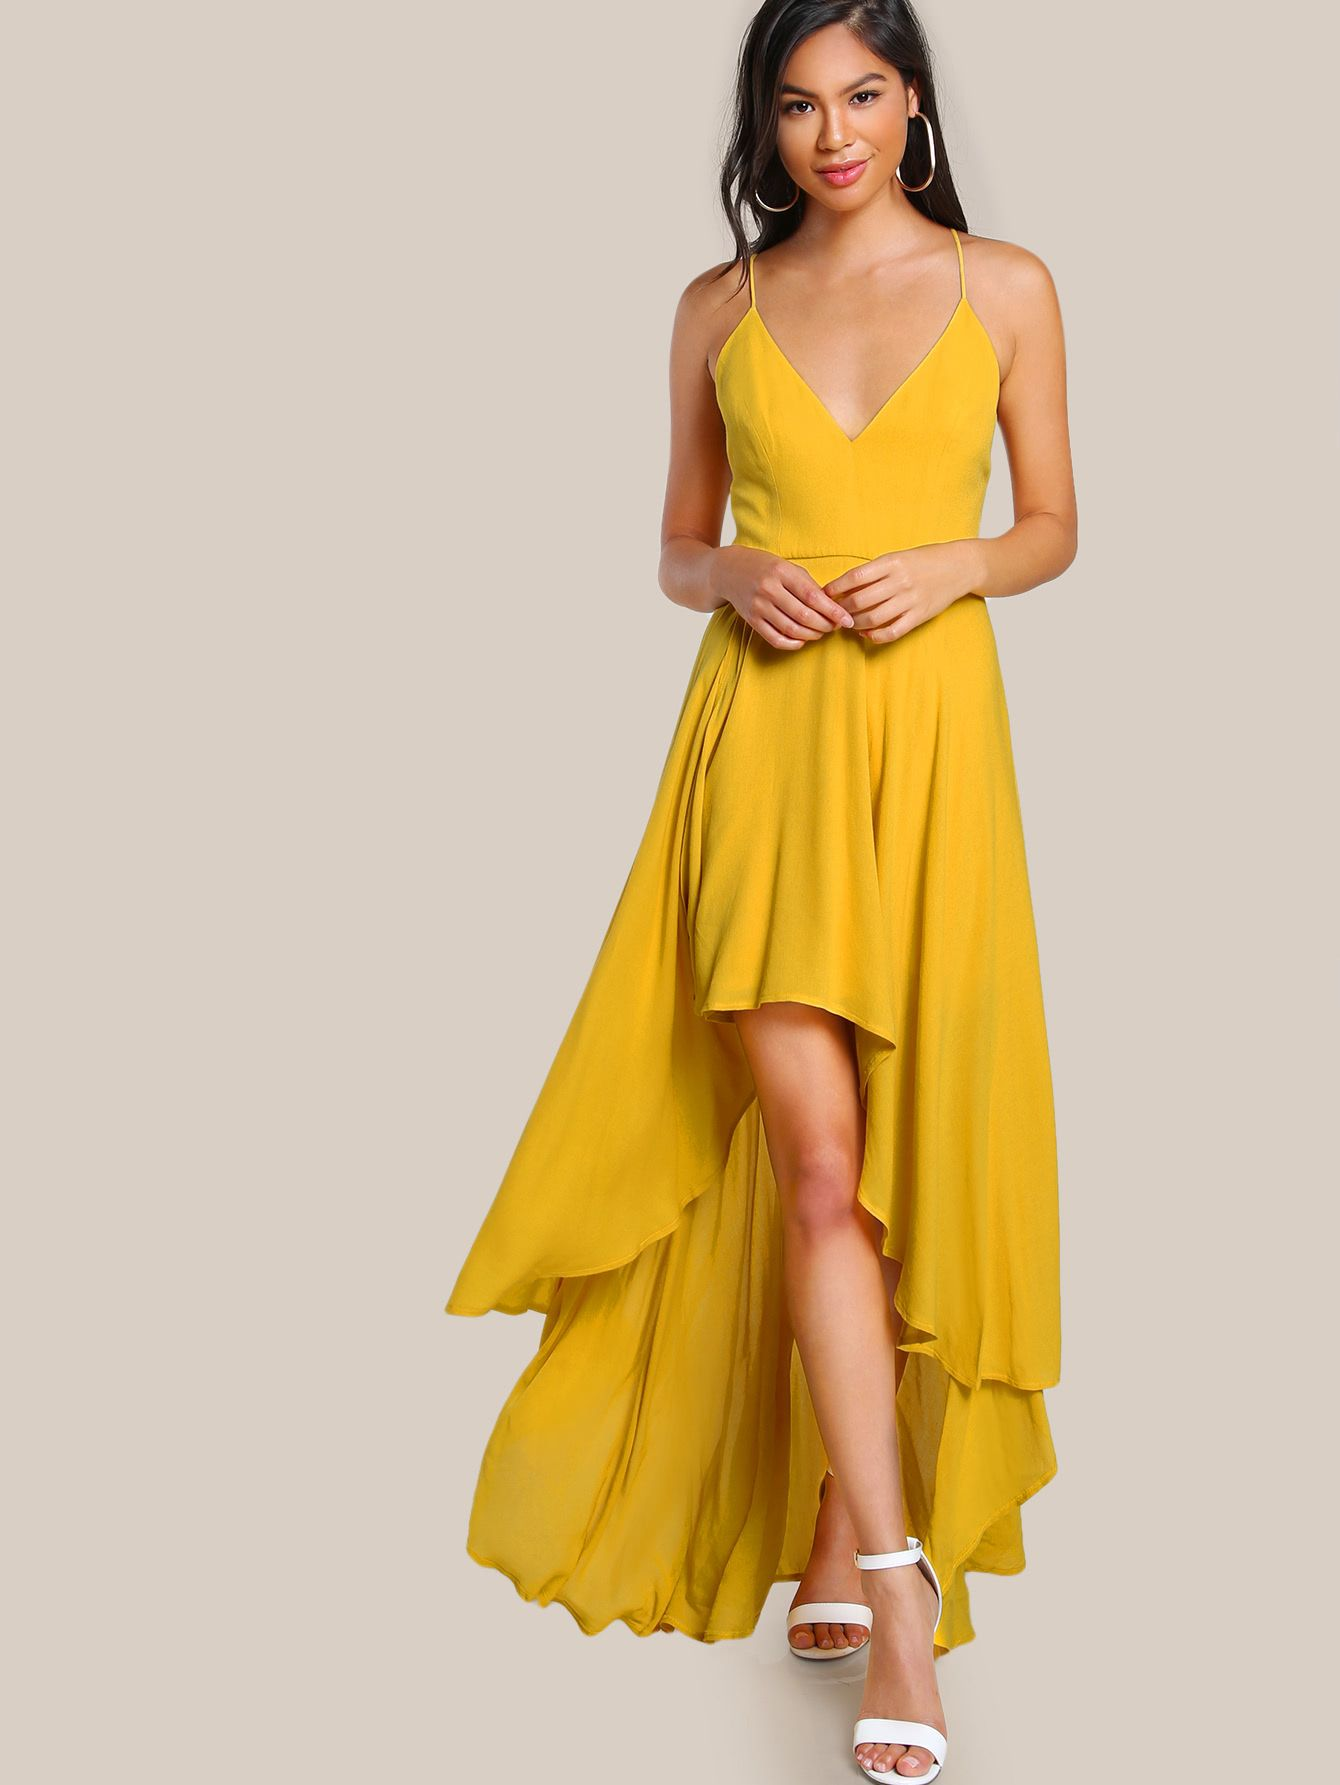 Backless High Low Cami Dress | Pinterest | Kleider und Deko